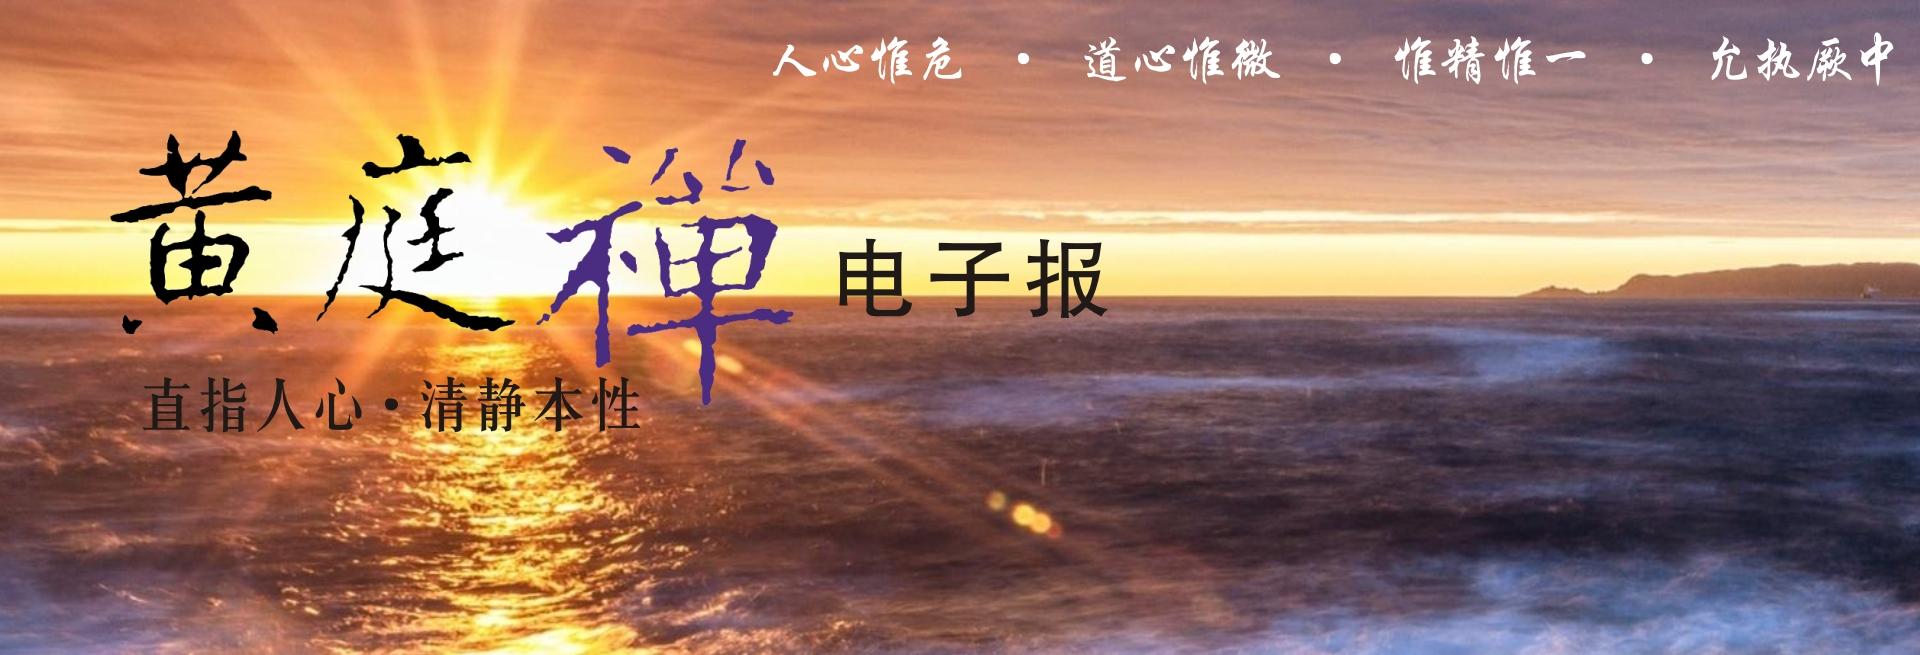 中华黄庭禅学会2020.11.21电子报